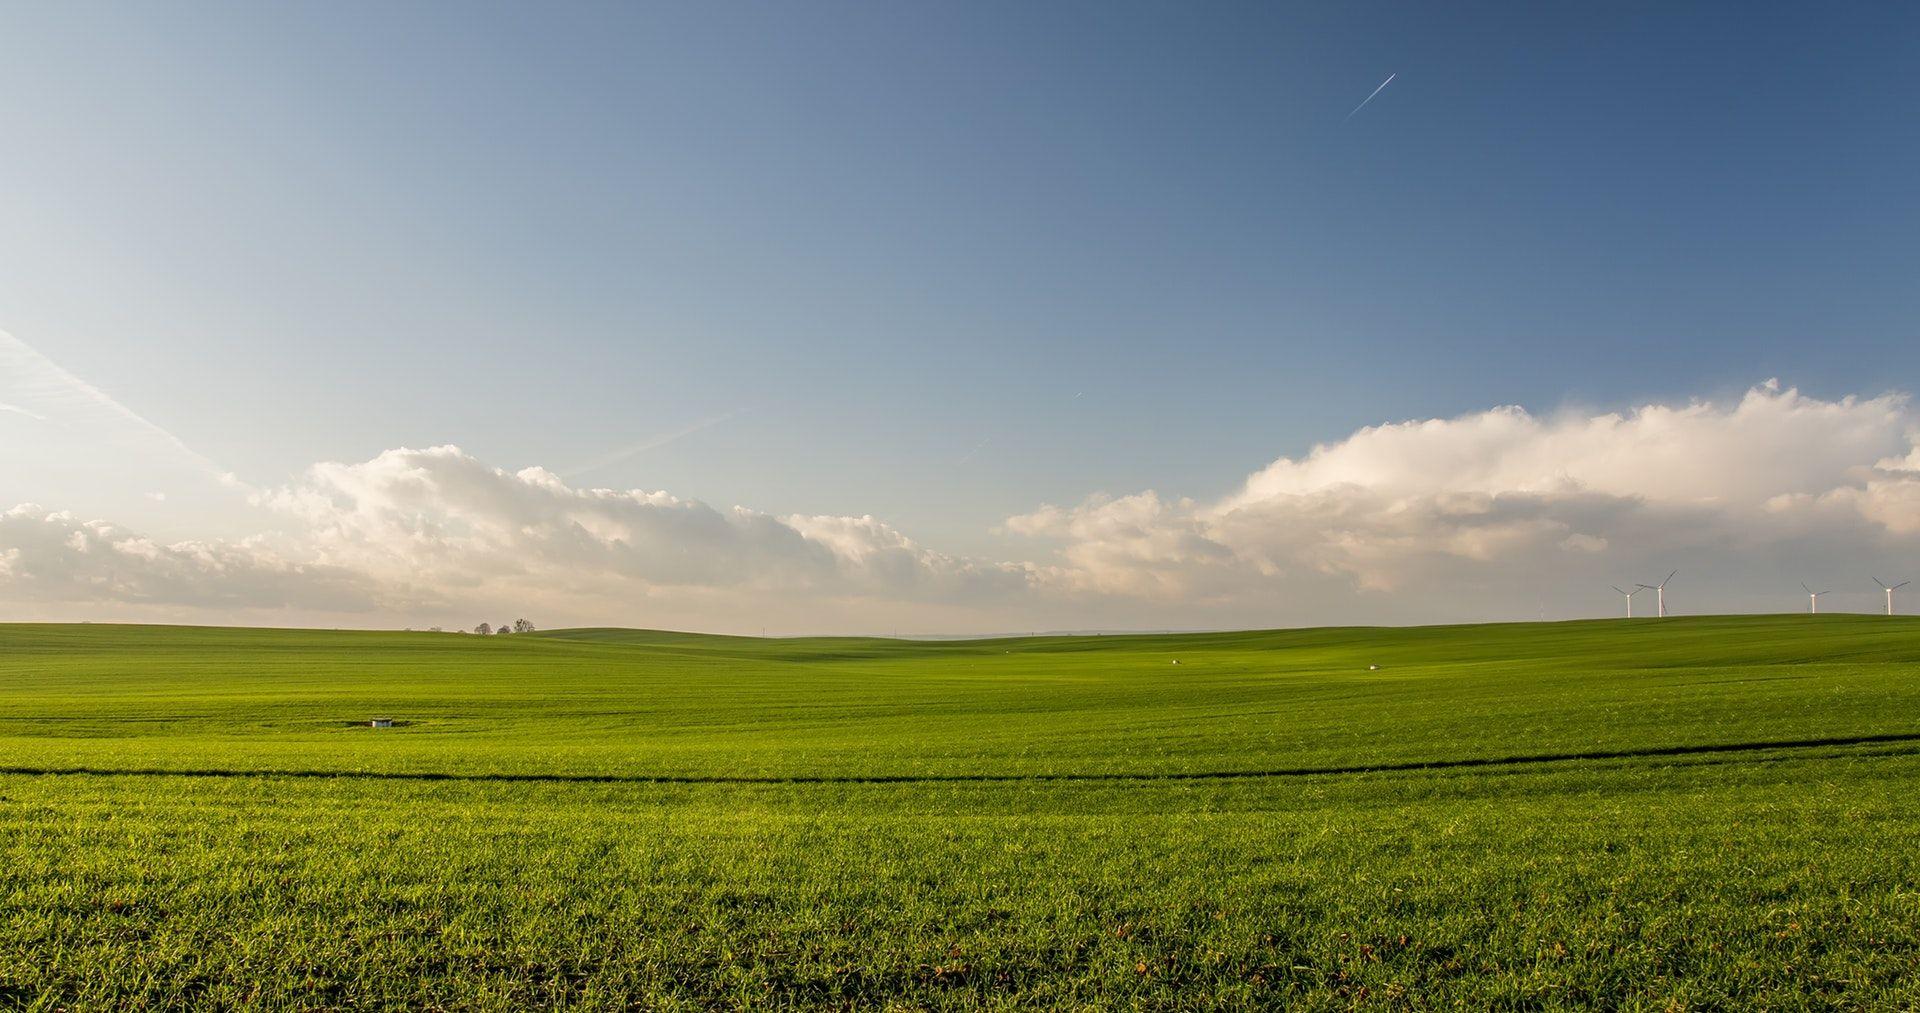 عکس زمینه چمن سبز پس زمینه